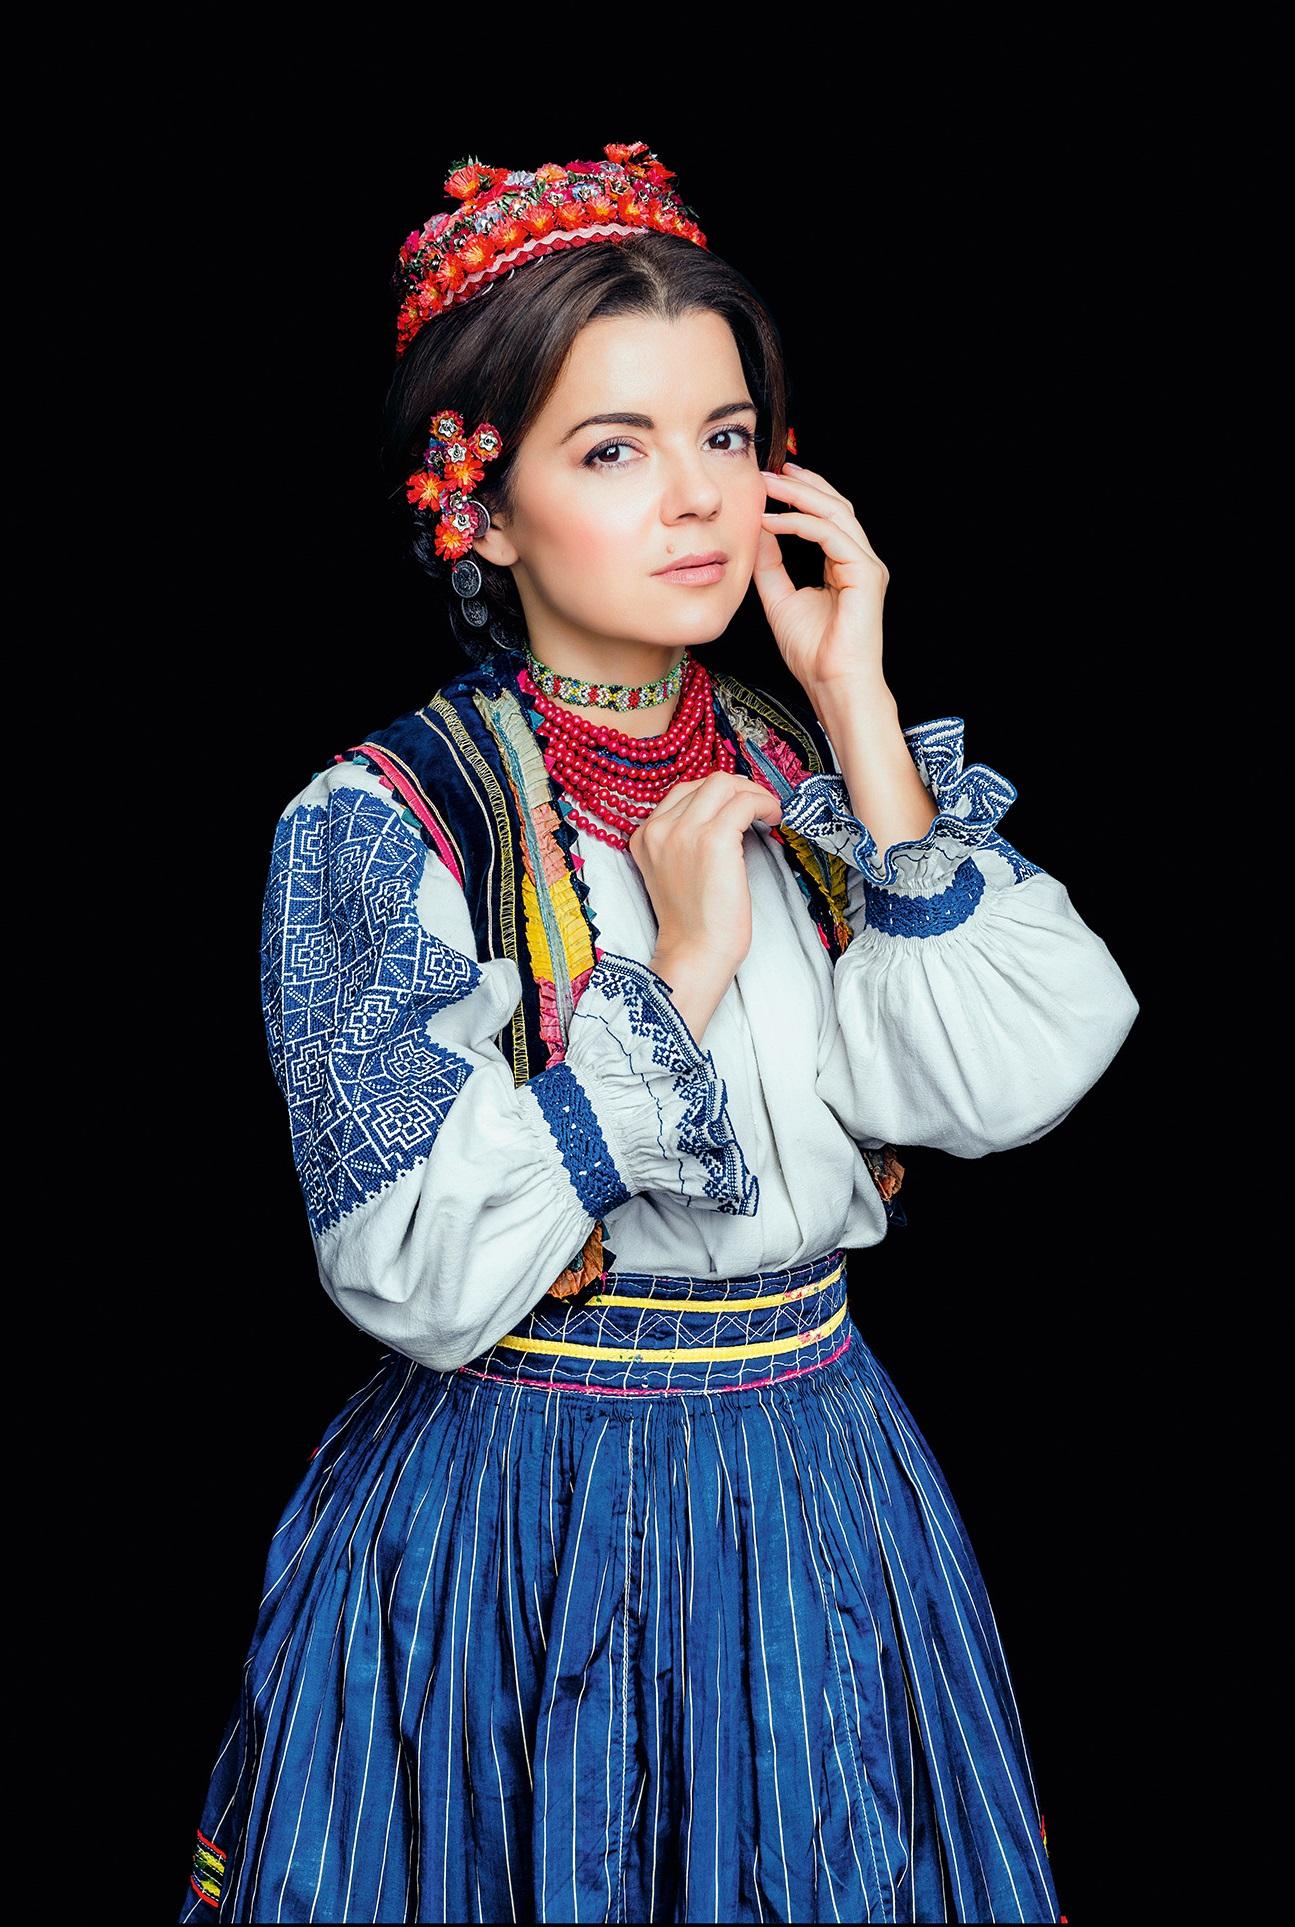 Кароль, Фреймут, Єфросиніна вбралися у розкішне українське вбрання - фото 7